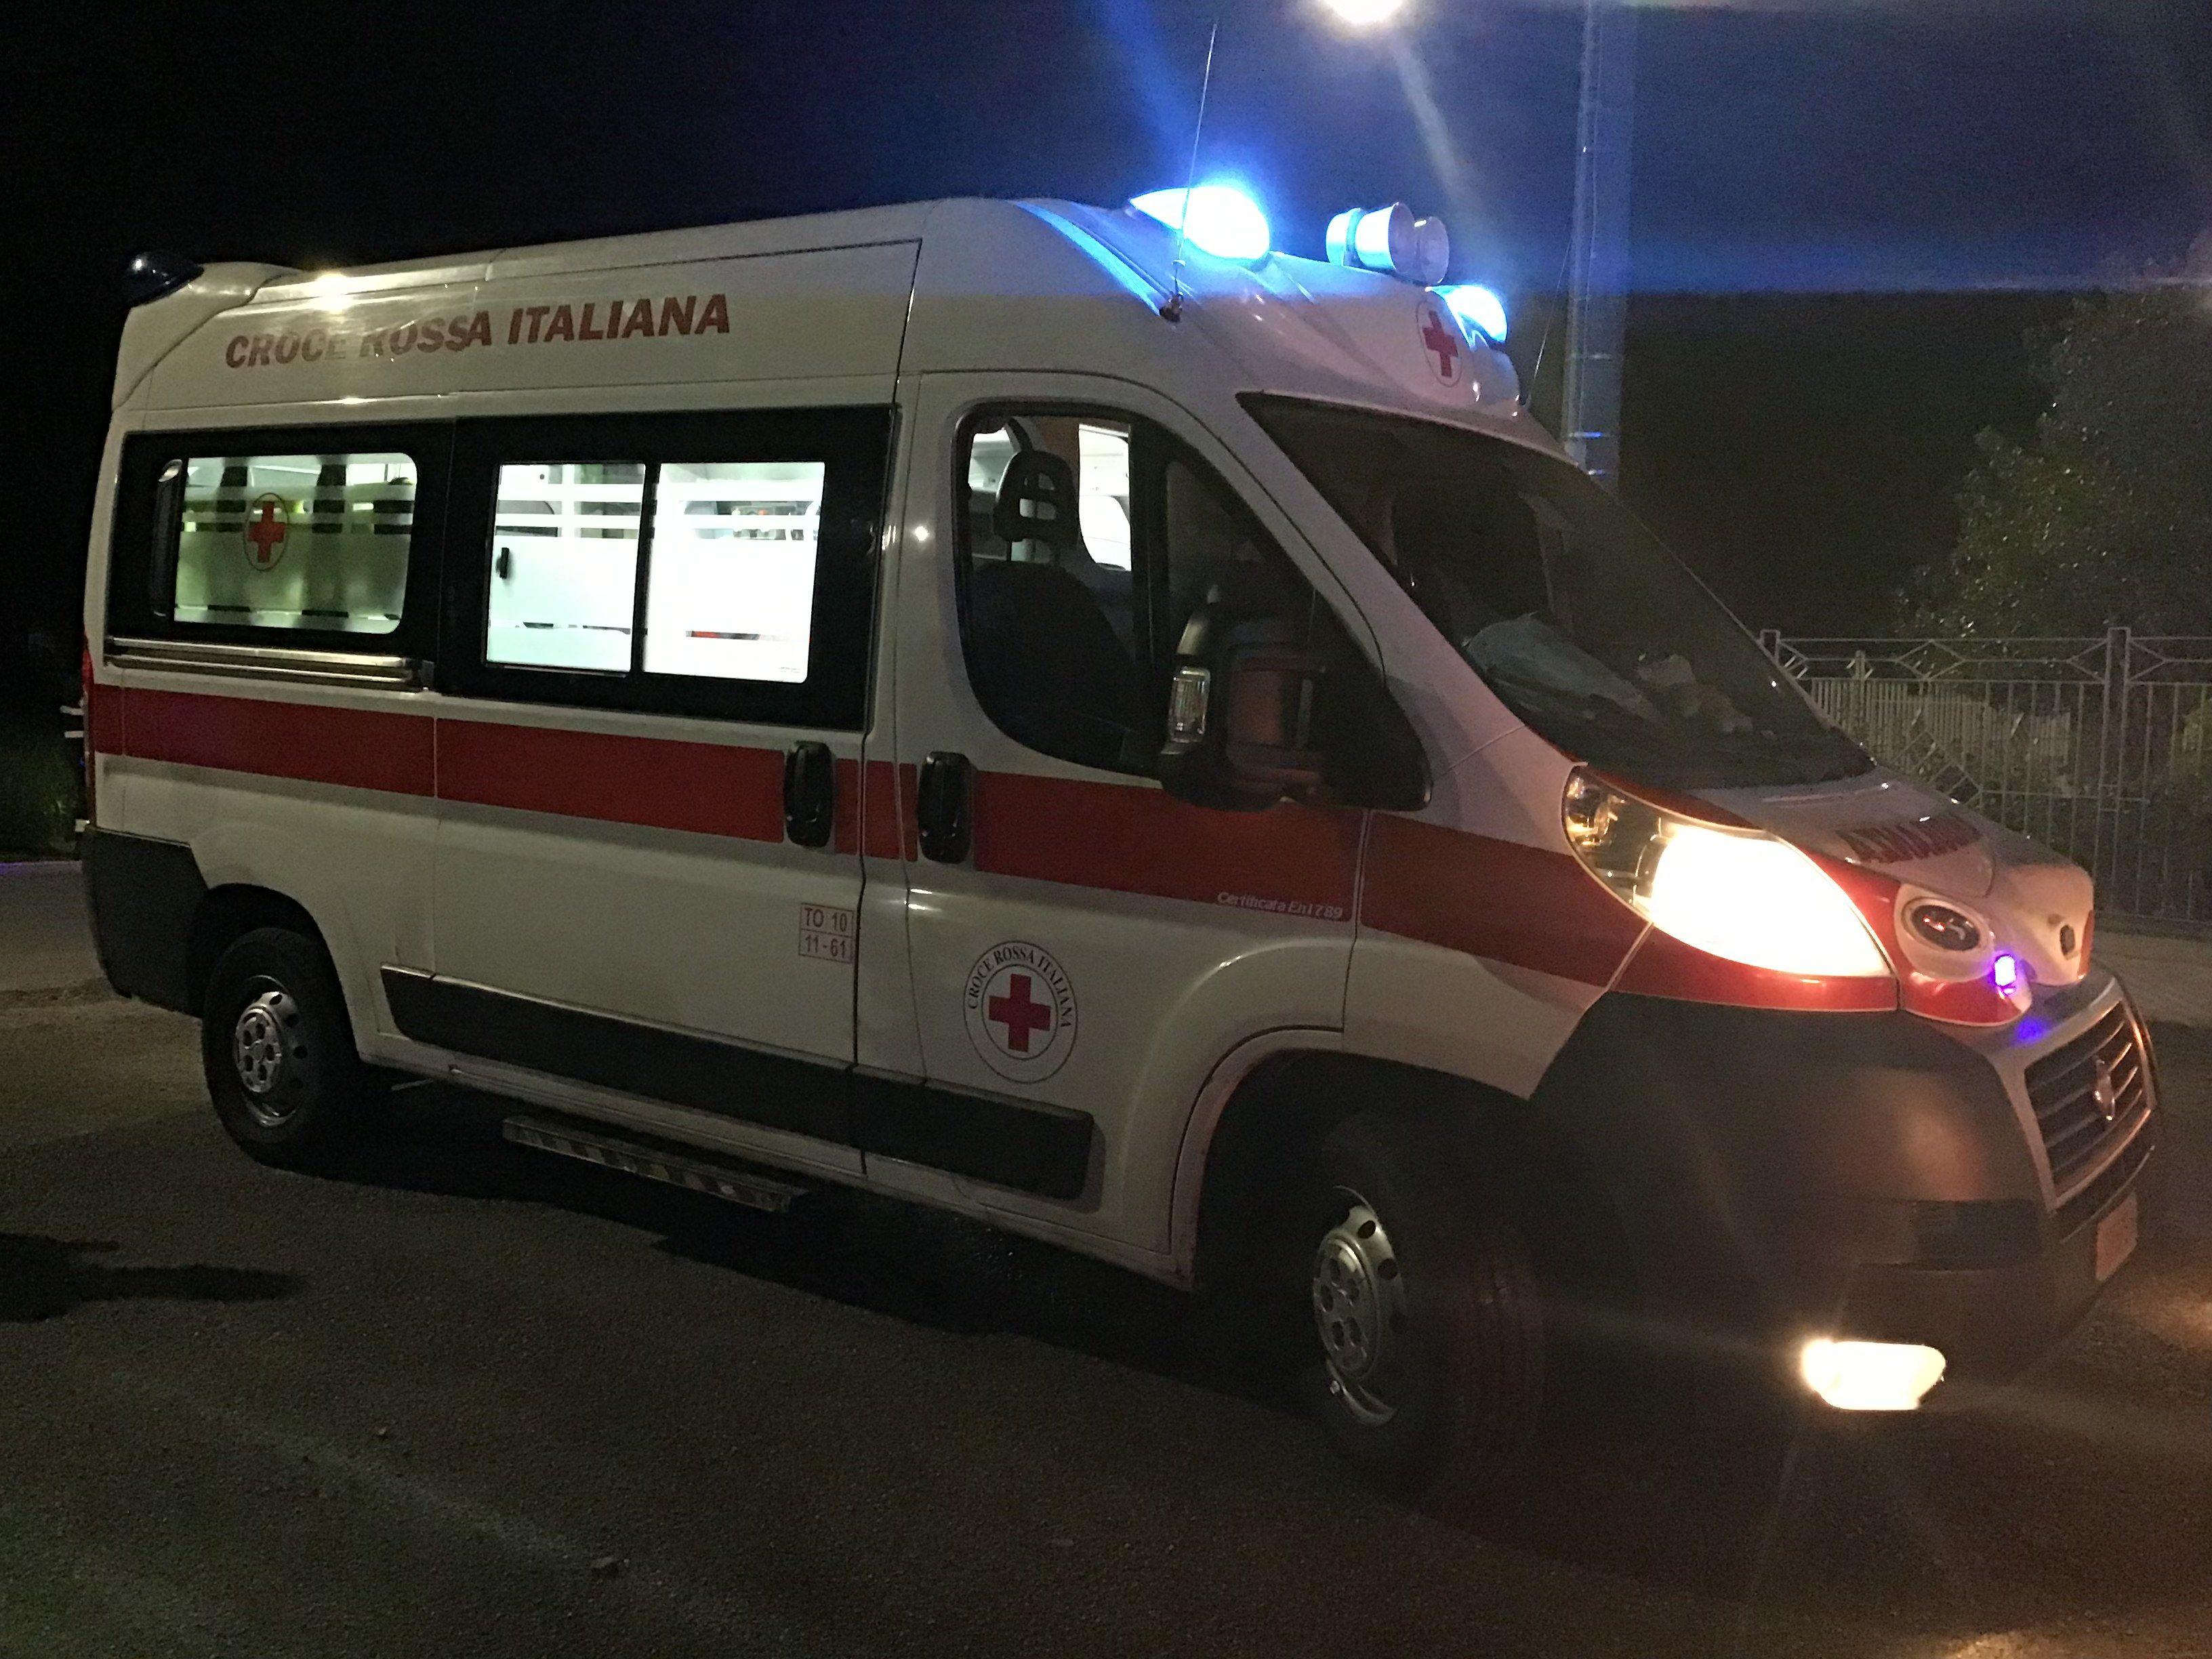 NOMAGLIO - Un uomo trovato morto in strada: inutili tutti i soccorsi